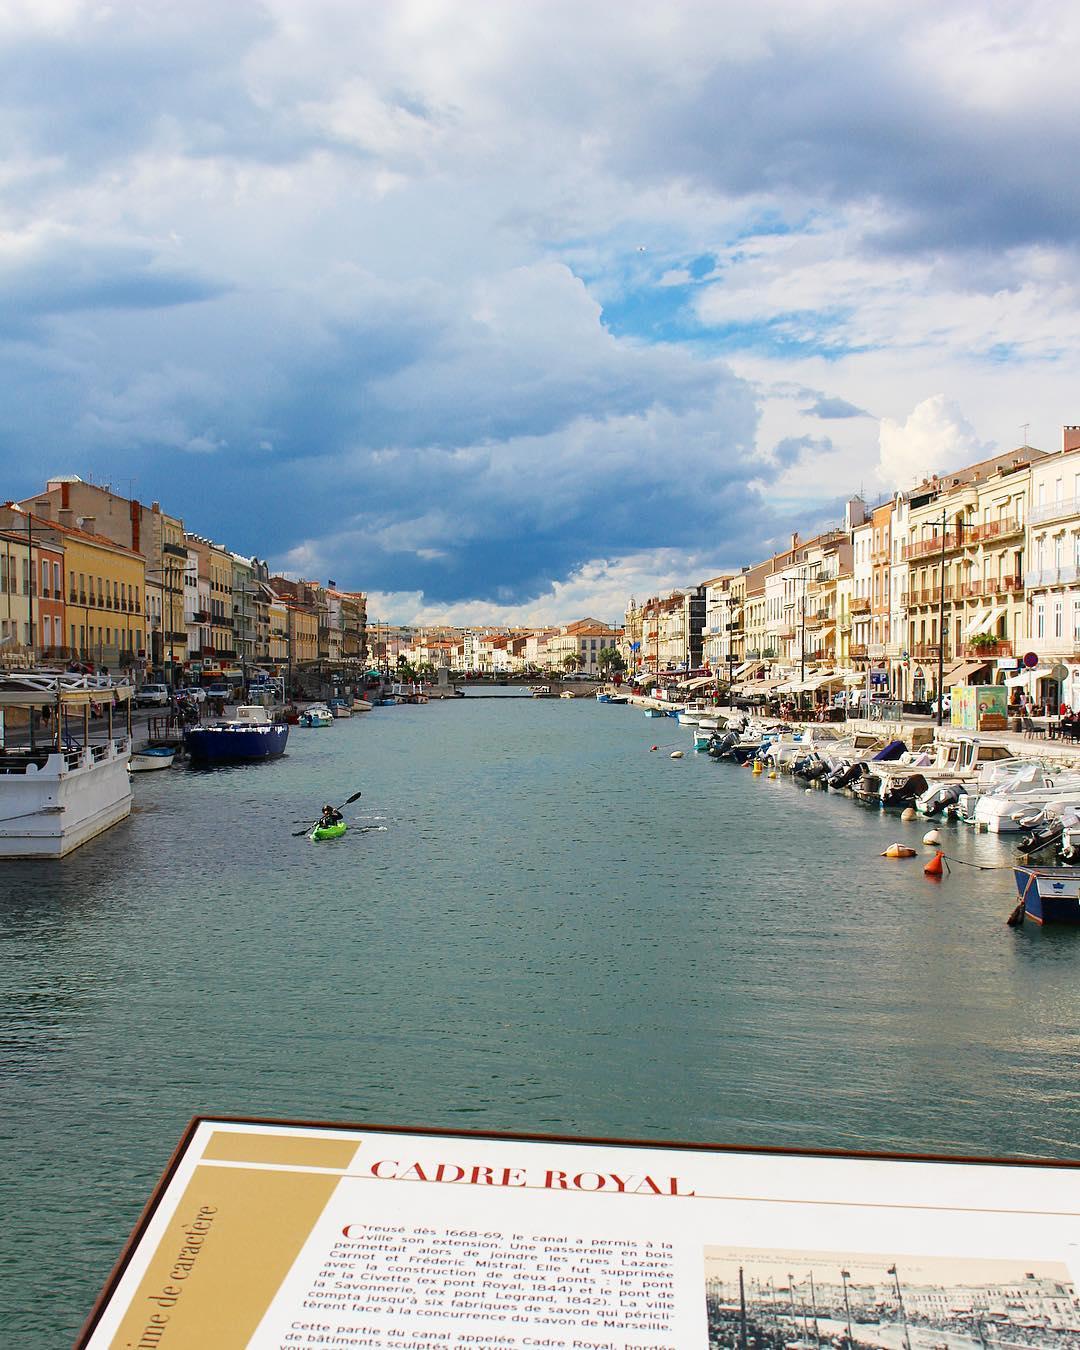 Le CADRE ROYAL à Sète ⚓️? . . A Sète, le canal joue le rôle de Place Publique. Non seulement la ville a grandi autour de lui, mais elle s'y donne en spectacle. .  Ici, entre les deux ponts, dans cette partie du canal appelée Cadre Royal, se déroulent tout au long de l'été les très populaires tournois de joutes nautiques et ce depuis juillet 1666. . . ? SÈTE (34)?? ? #pintadesete  ______ #cityguide #southOfFrance #SudDeFrance #cityTrip #frenchBlogger #blogueuse #blog #blogueusedusud #pintademontpellier #sete #montpellier #citytripsete #joutes #villedesete